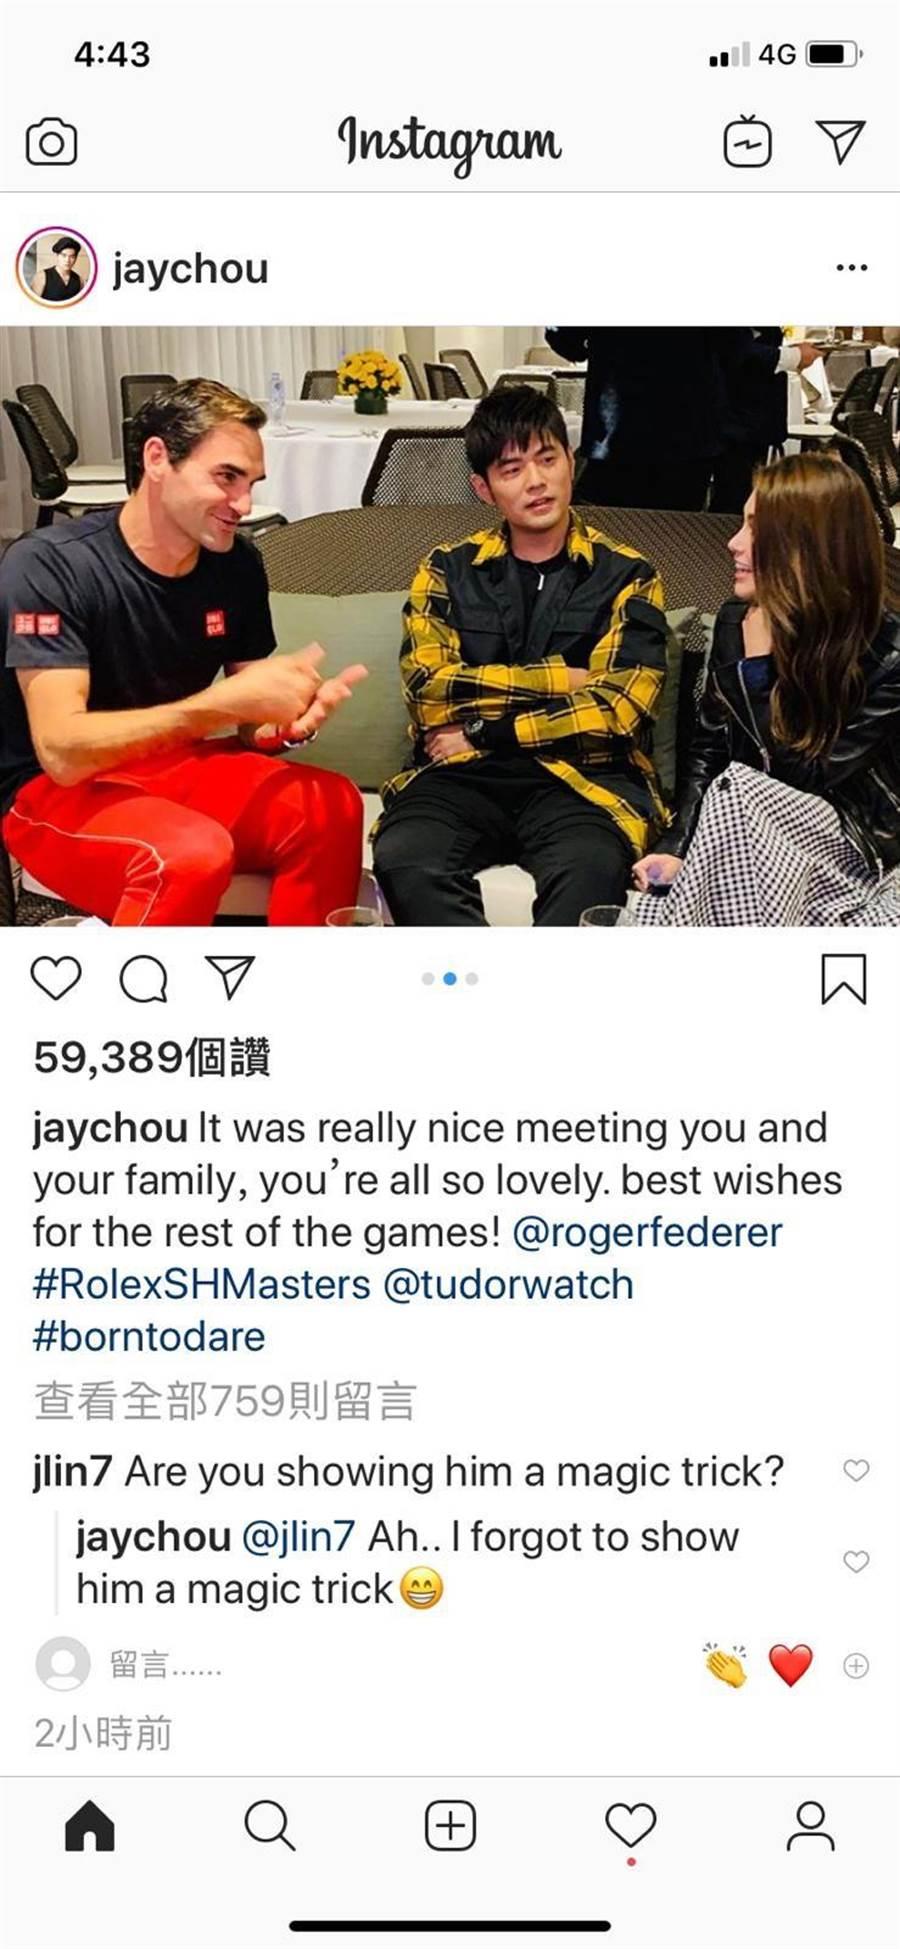 周杰倫po出和網壇天王費德勒見面側拍照,球星好友林書豪問「有沒有變魔術」,讓周董大感可惜,回覆「忘記了」。(截自IG)